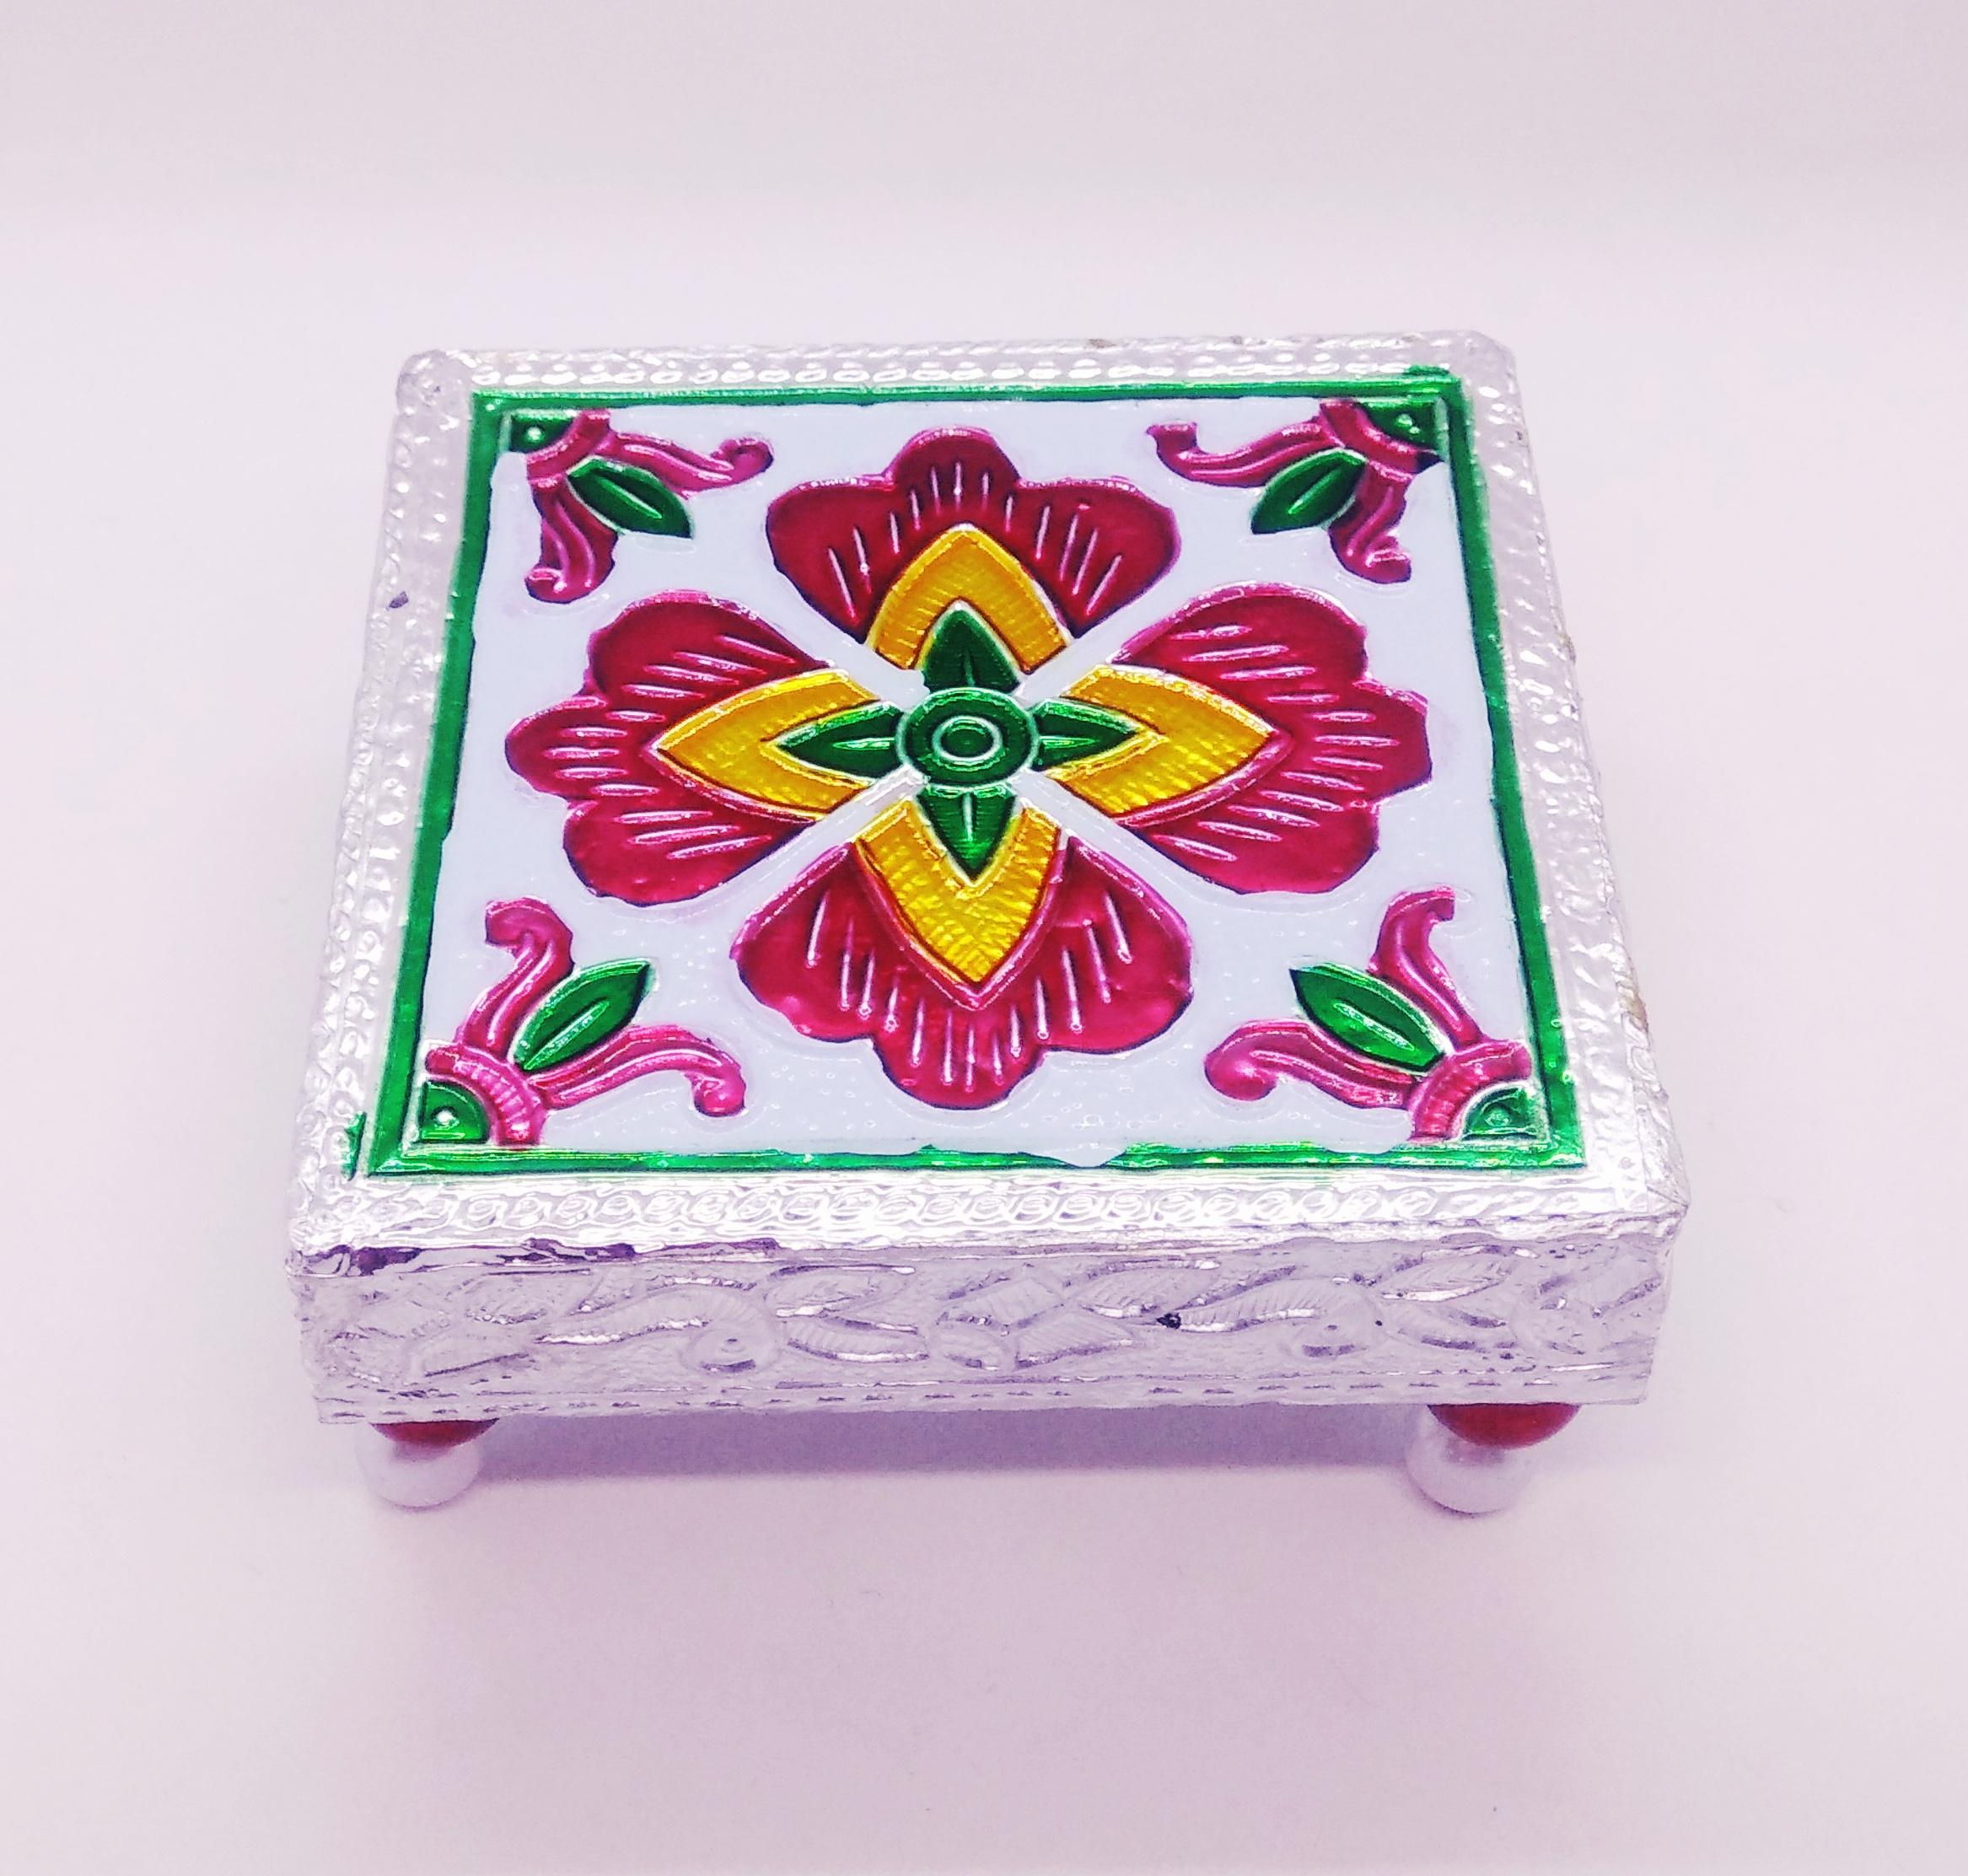 Laddu gopal special chowki